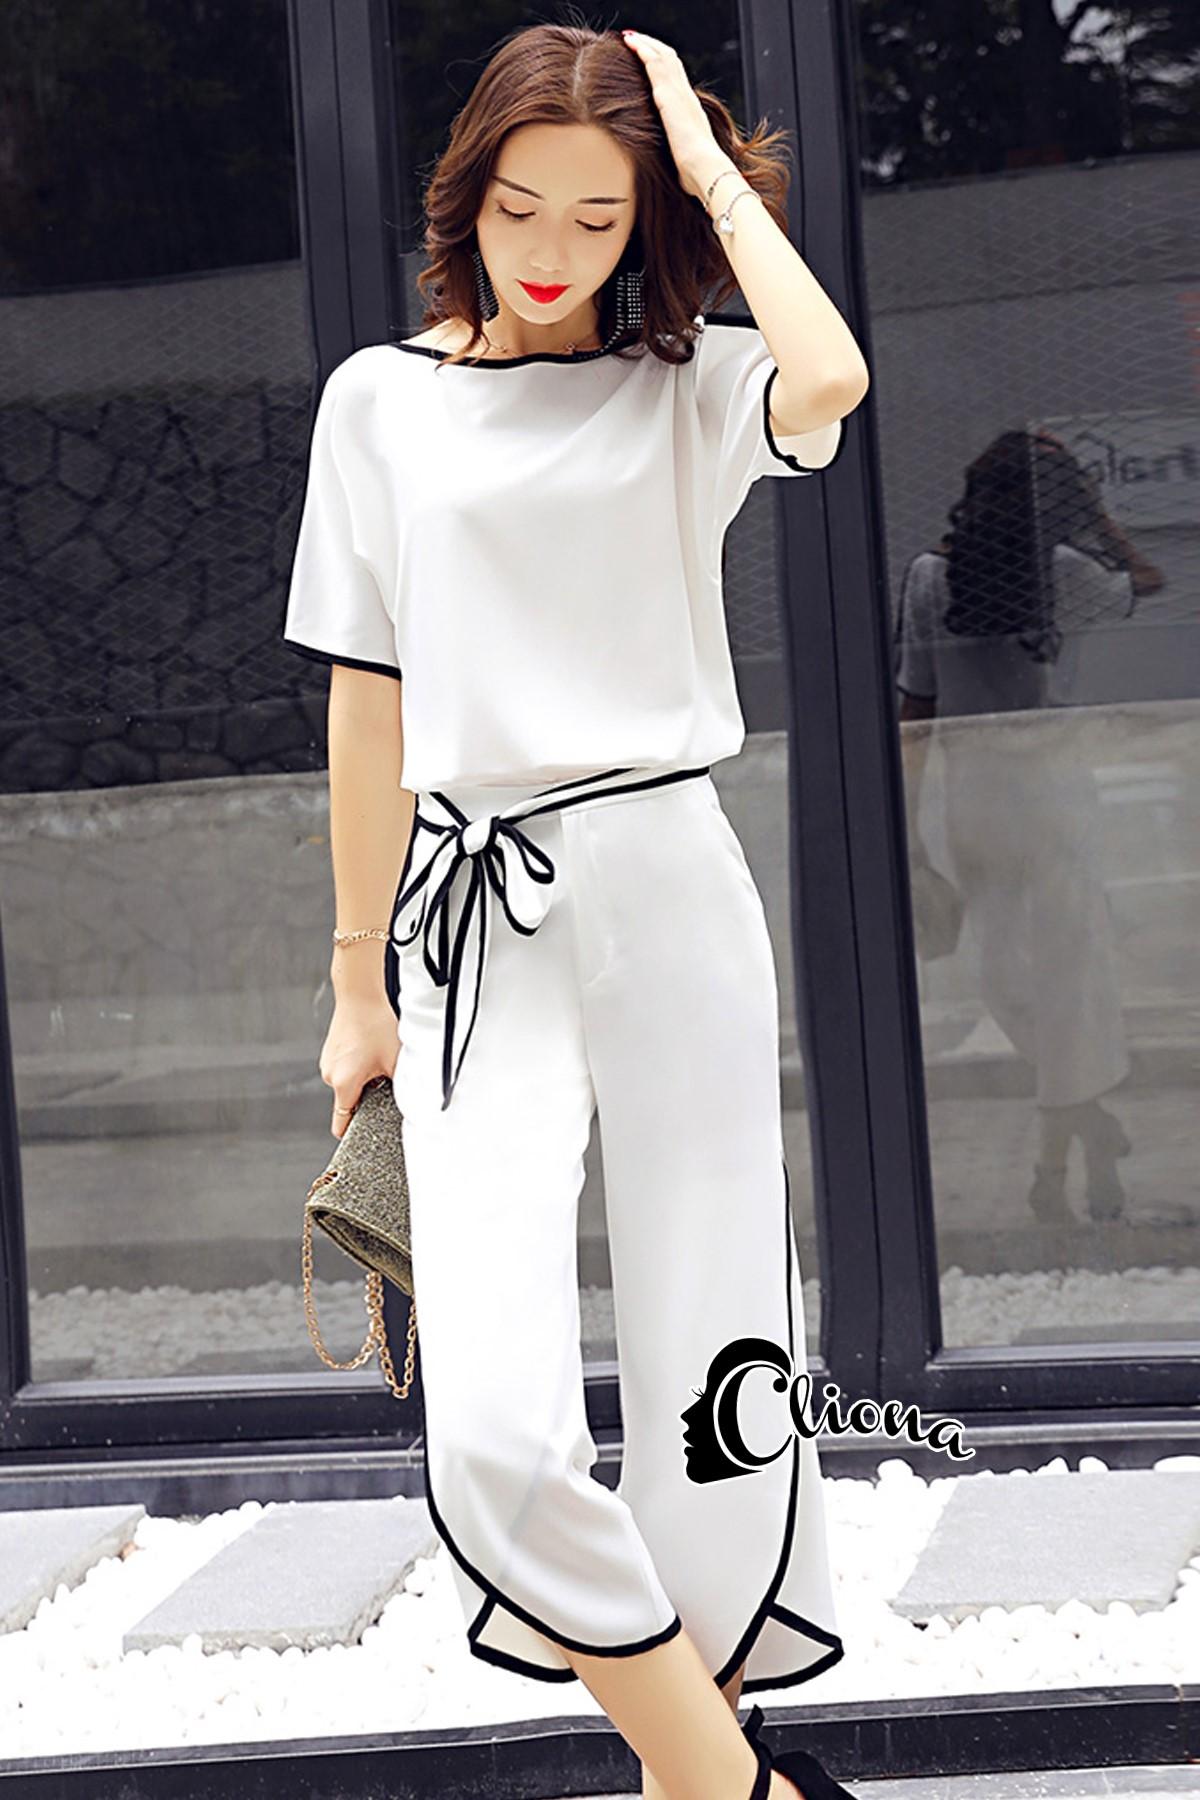 เสื้อสีพื้น ขาว/ดำ ผ้าพริ้วทิ้งตัวมีน้ำหนัก + กางเกงขาสี่ส่วนซิปข้างผูกเอว มีซับกางเกงขาสั้นผ้าเดียวกับตัวเสื้อ